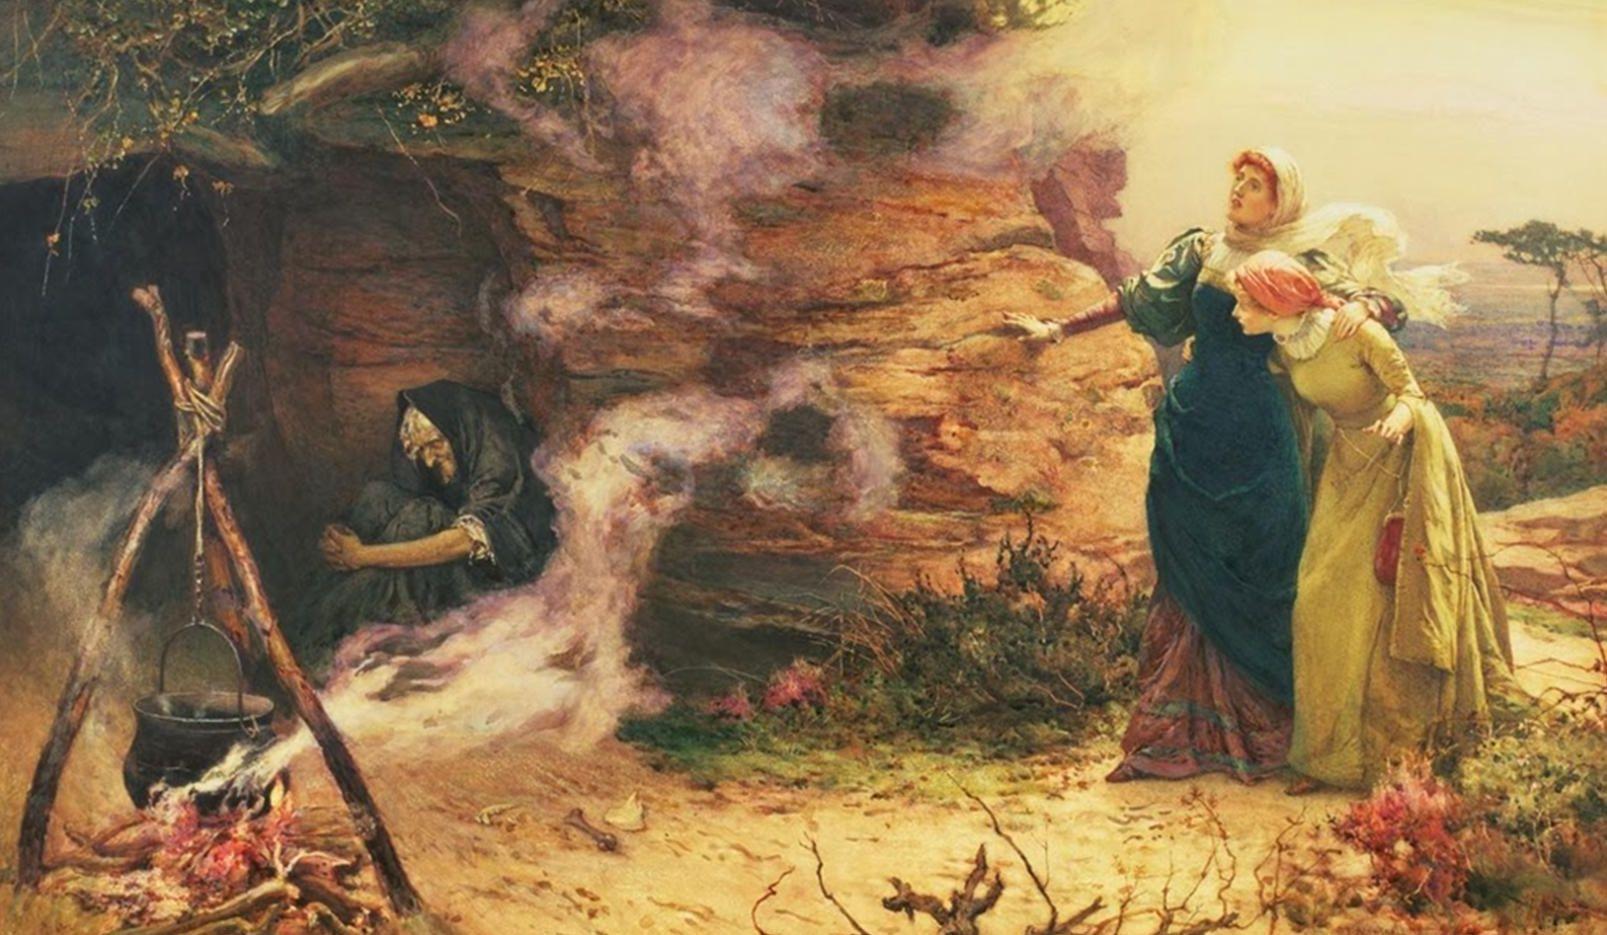 3 apr 2020 - Riti e culti popolari delle stagioni tra paganesimo e santità